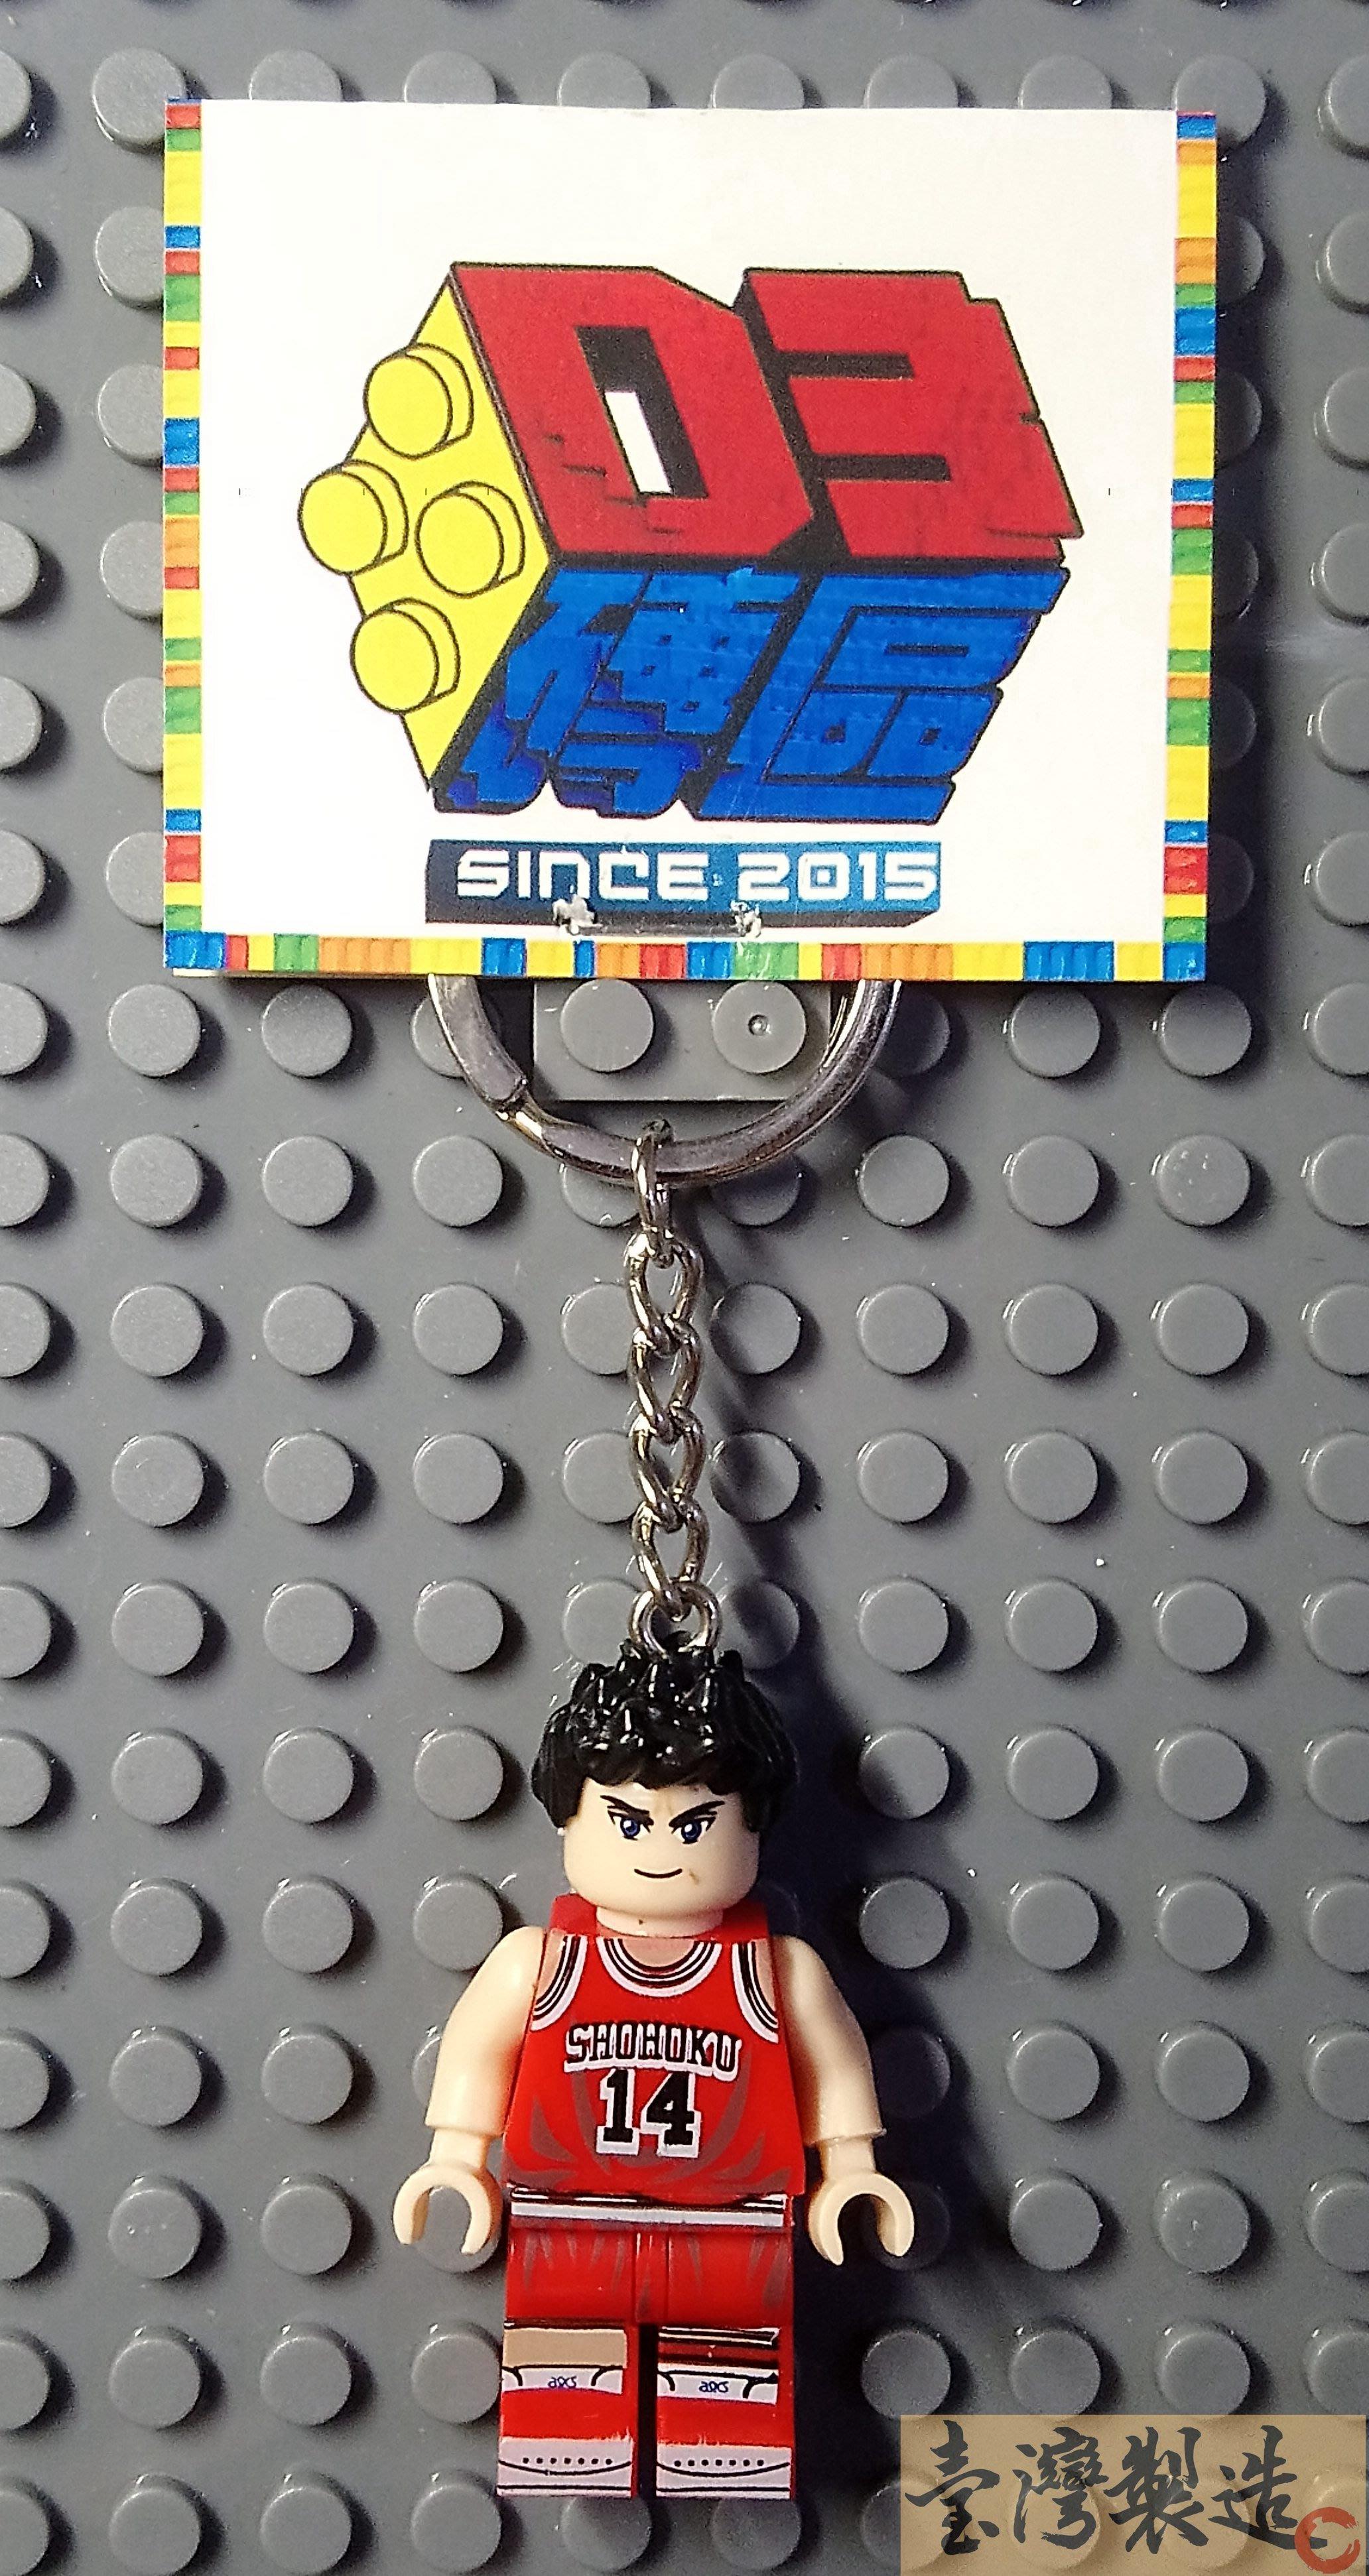 D3磚區 灌籃高手 日本動漫{三井壽 湘北 教練~我好想打籃球} 樂高鑰匙圈 積木鑰匙圈/非LEGO樂高品牌/